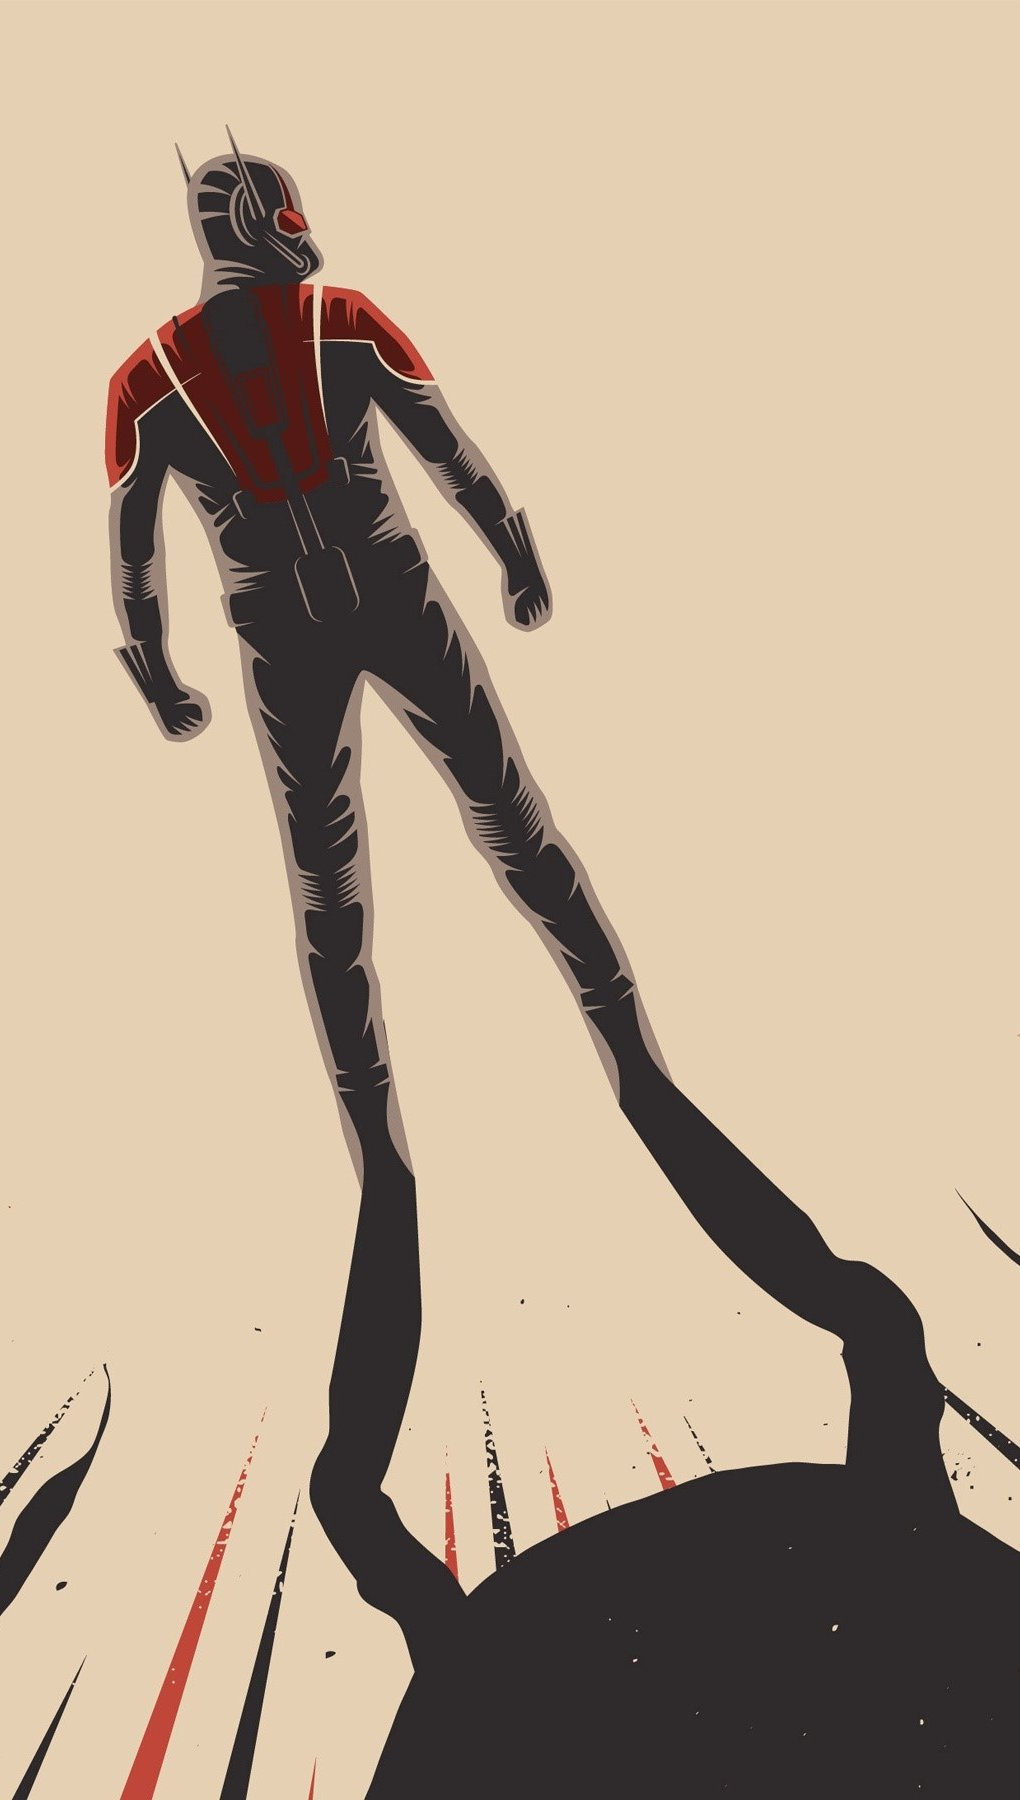 Wallpaper Artwork of Ant man Vertical